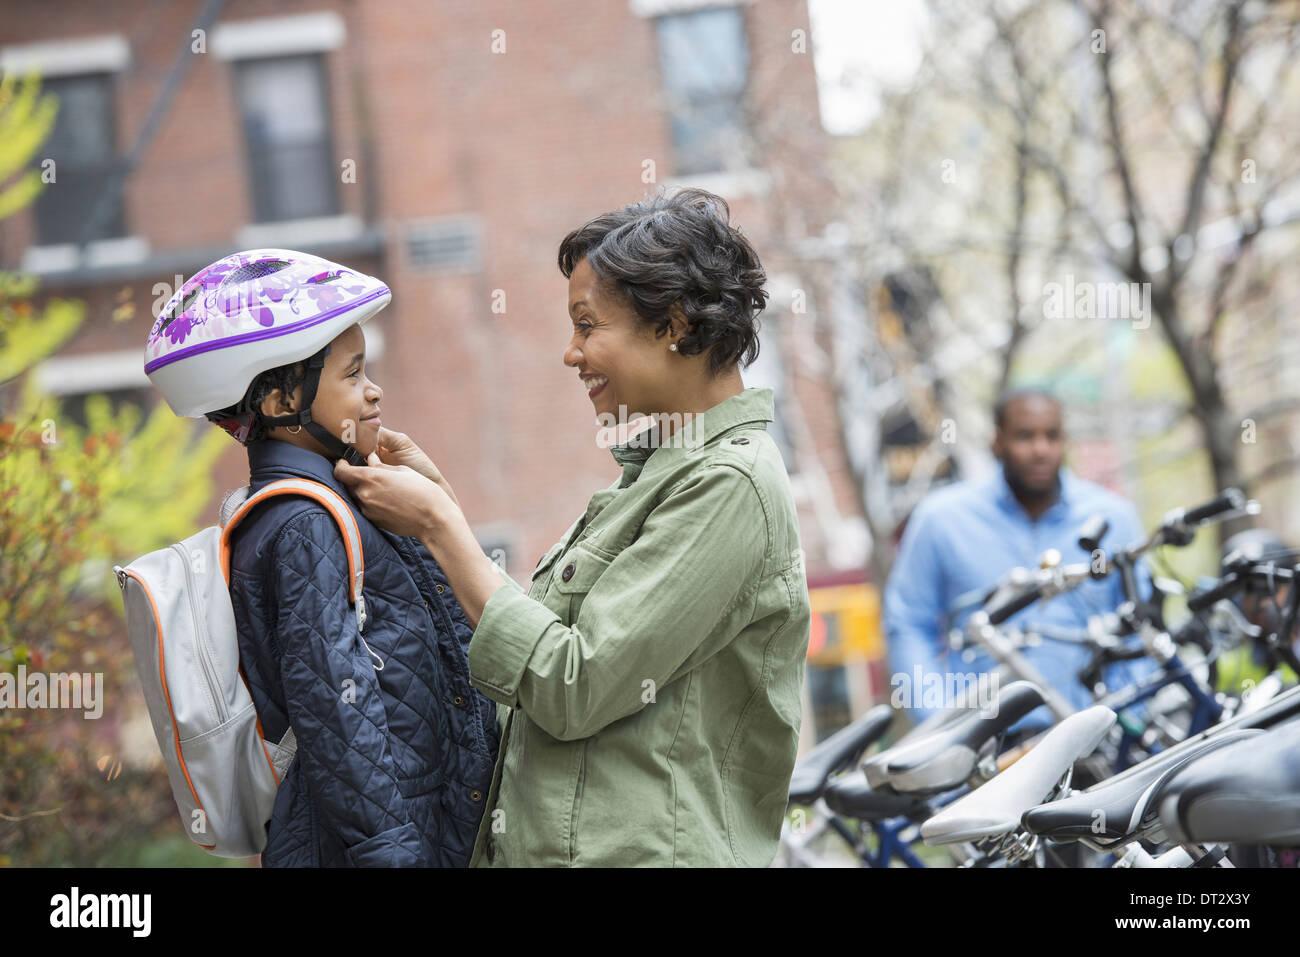 Ein Junge in eines Fahrradhelmes wird von seiner Mutter neben einen Fahrradträger befestigt Stockbild